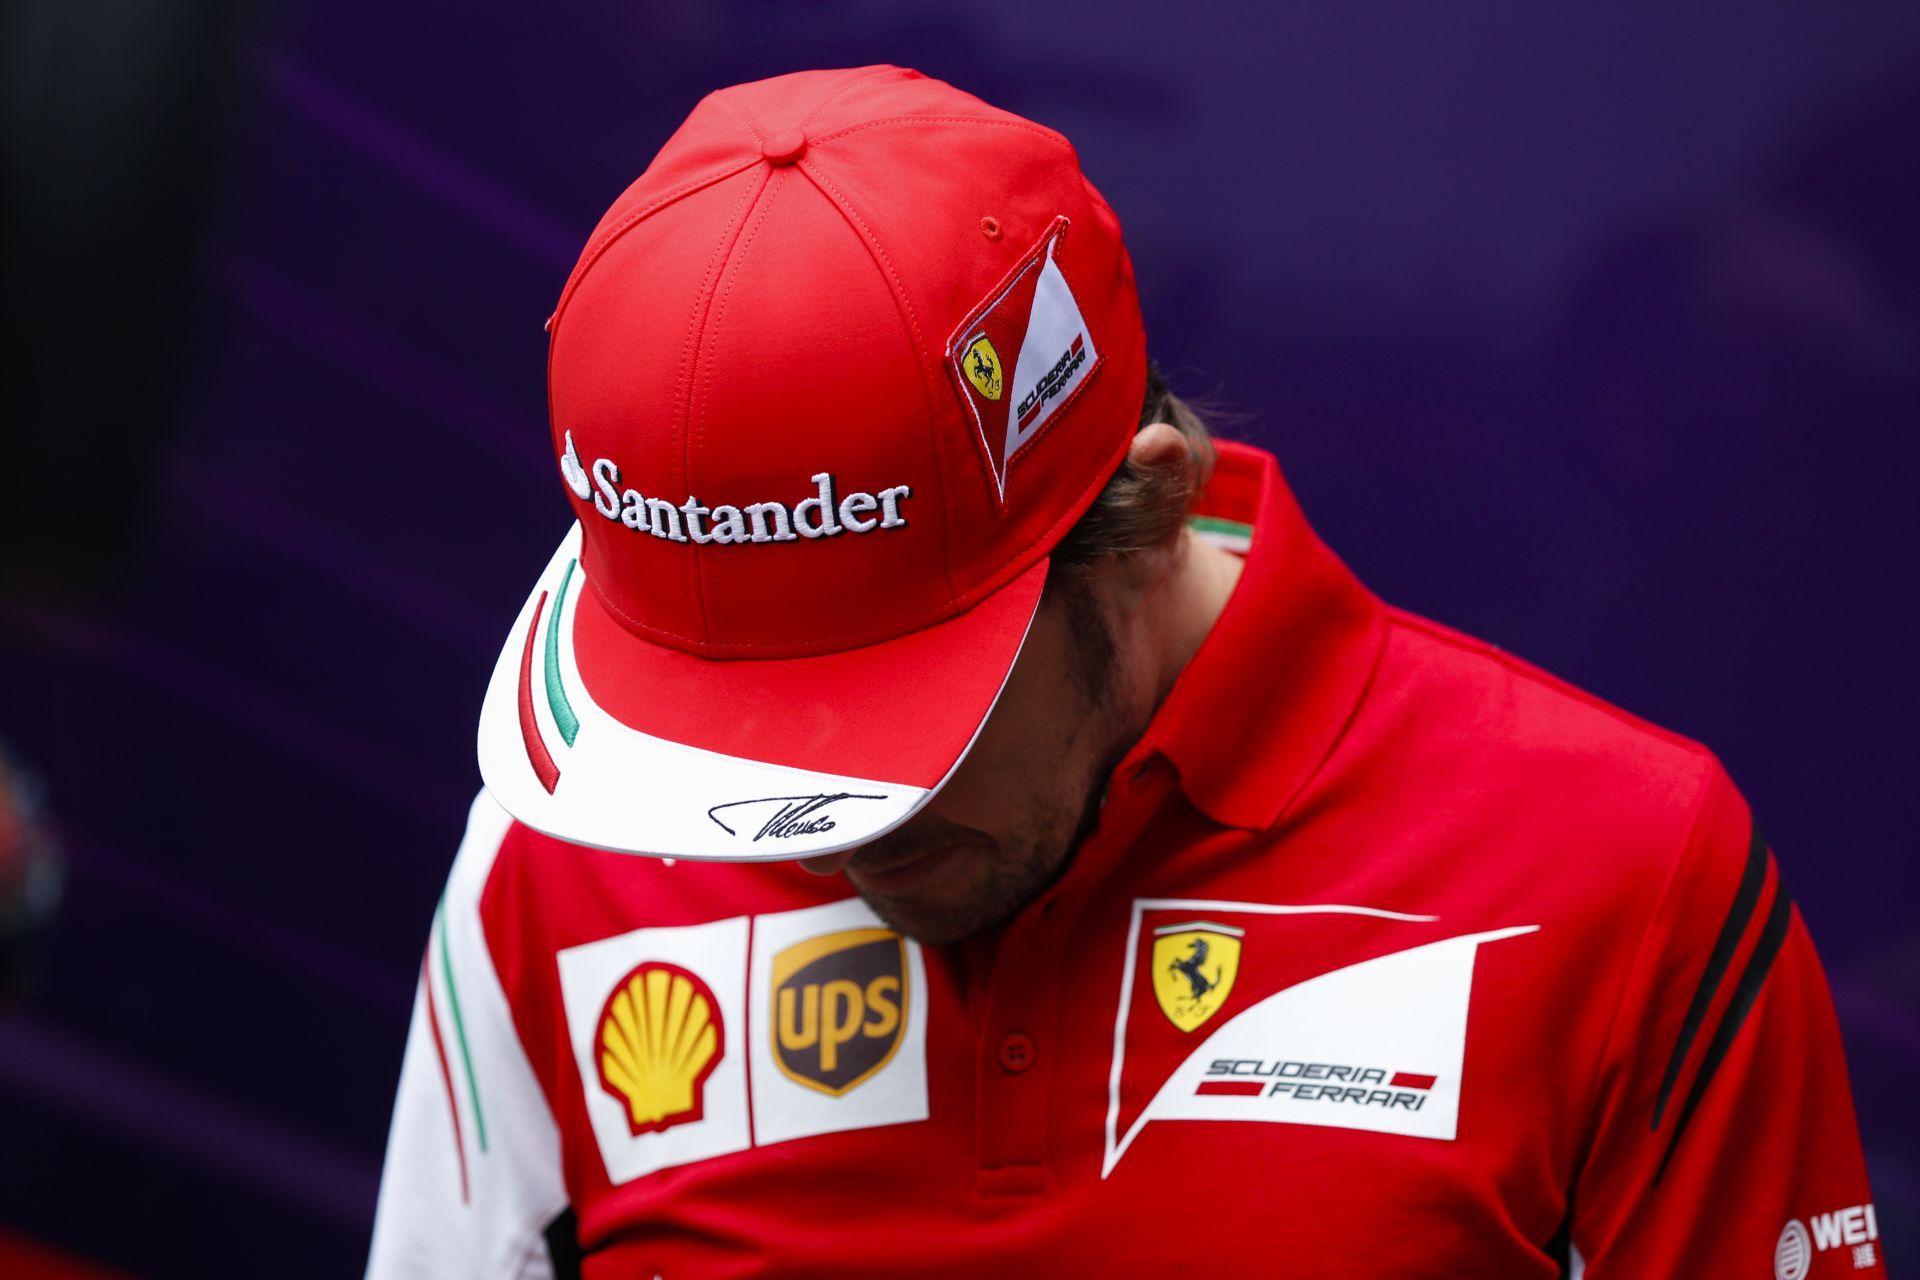 2010 óta csak egy versenyzővel versenyez a Ferrari! Massa és Räikkönen csak statisztál